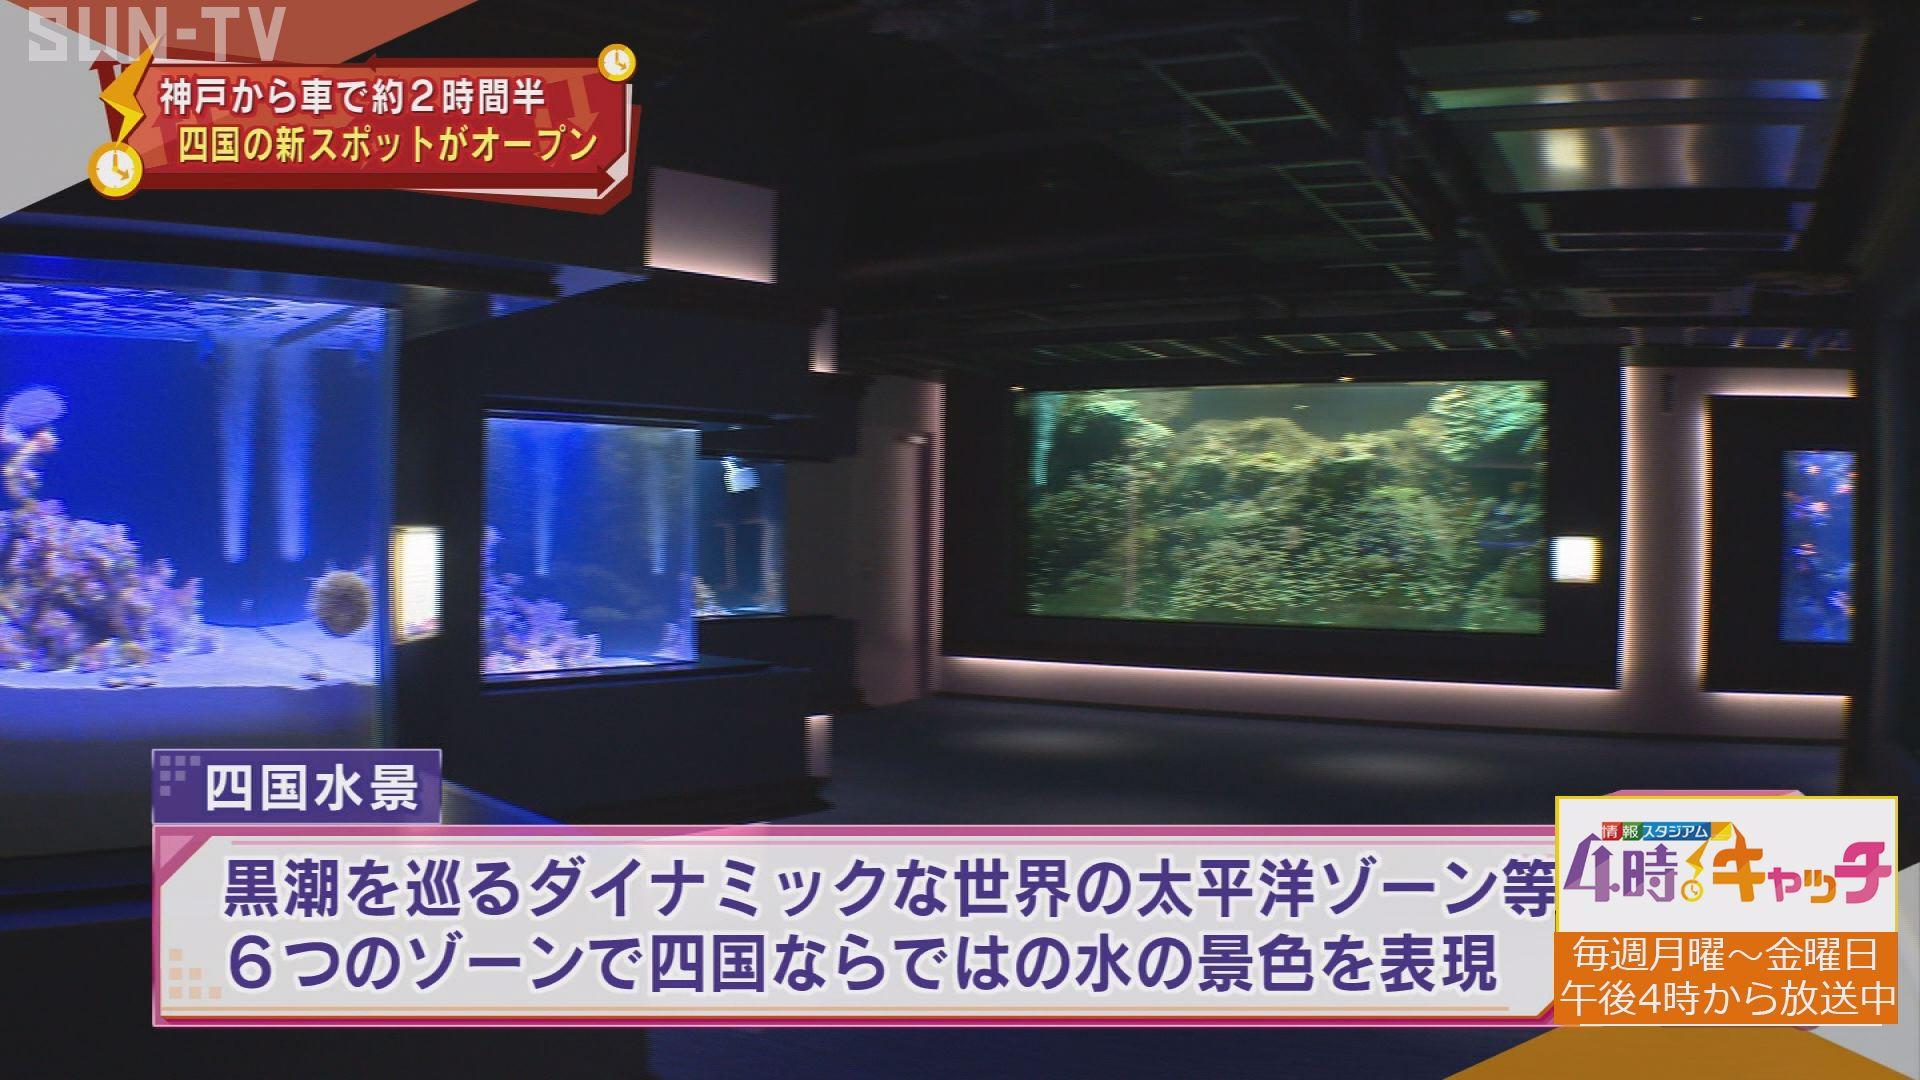 水族館 オープン 四国